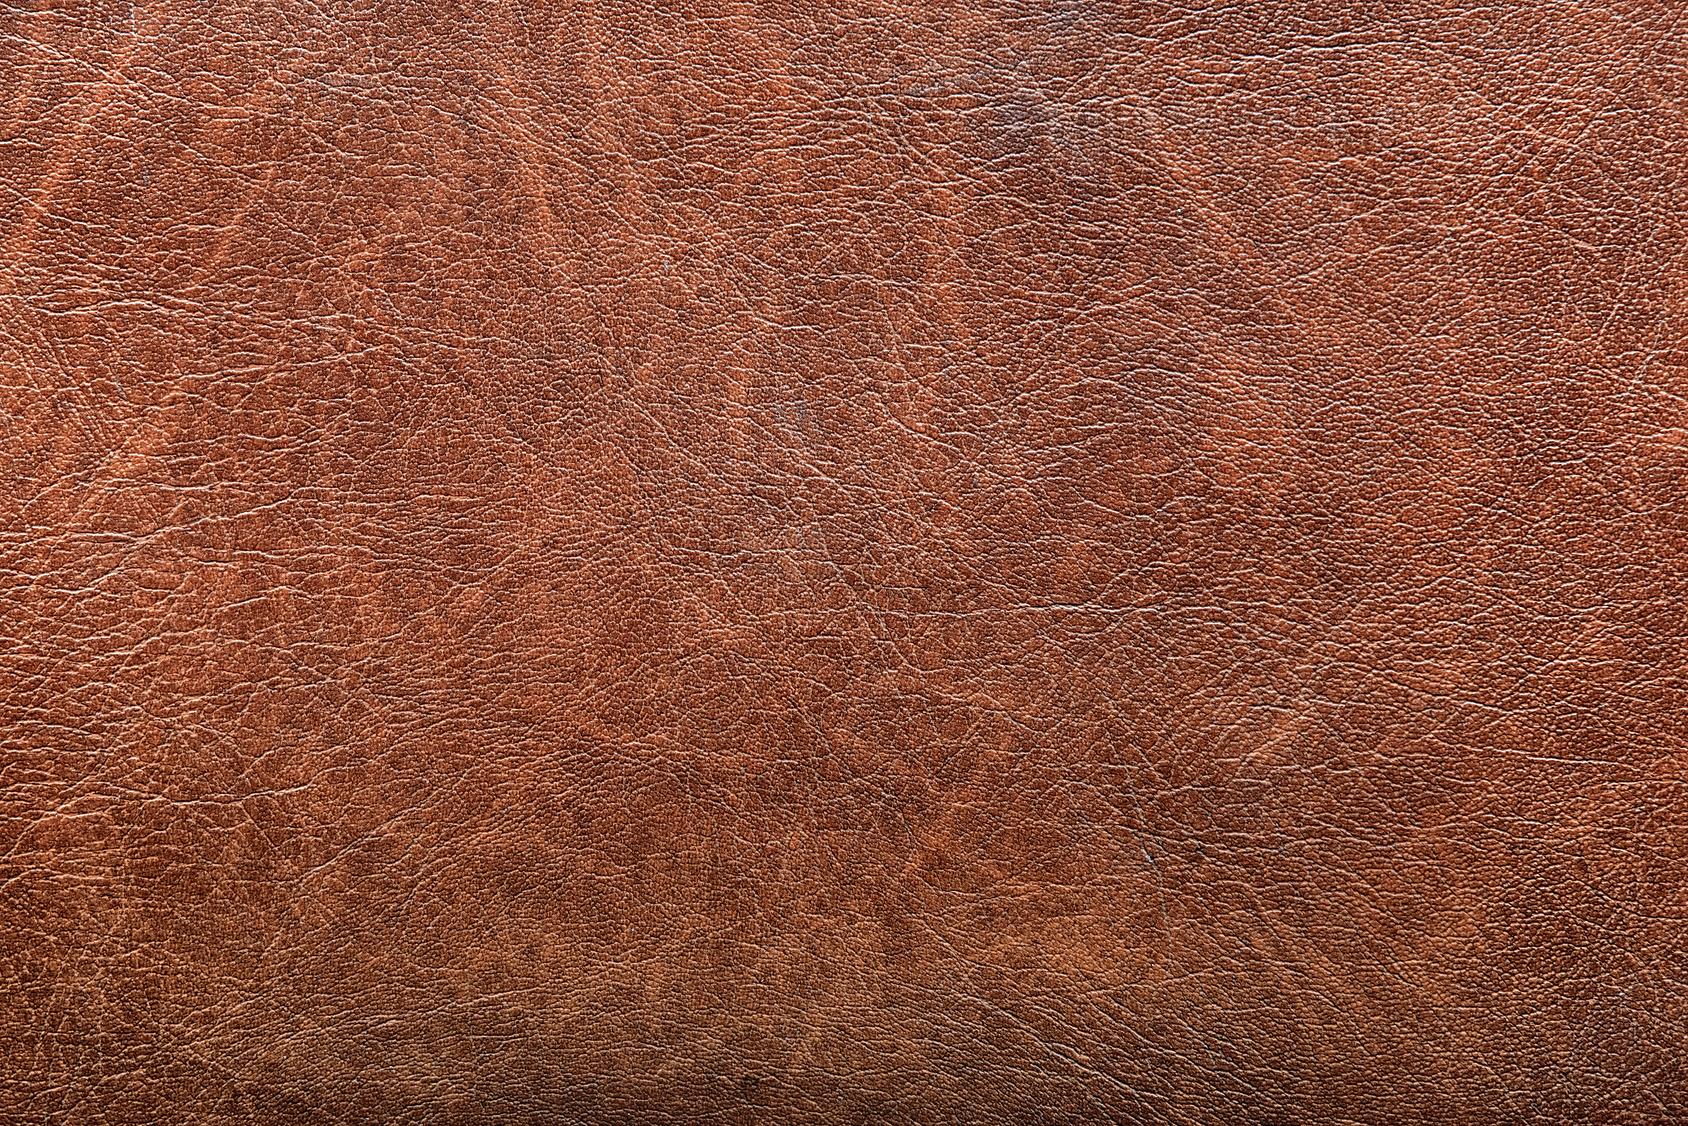 Comment nettoyer une tache sur un canap en cuir - Produit pour nettoyer canape en tissu ...